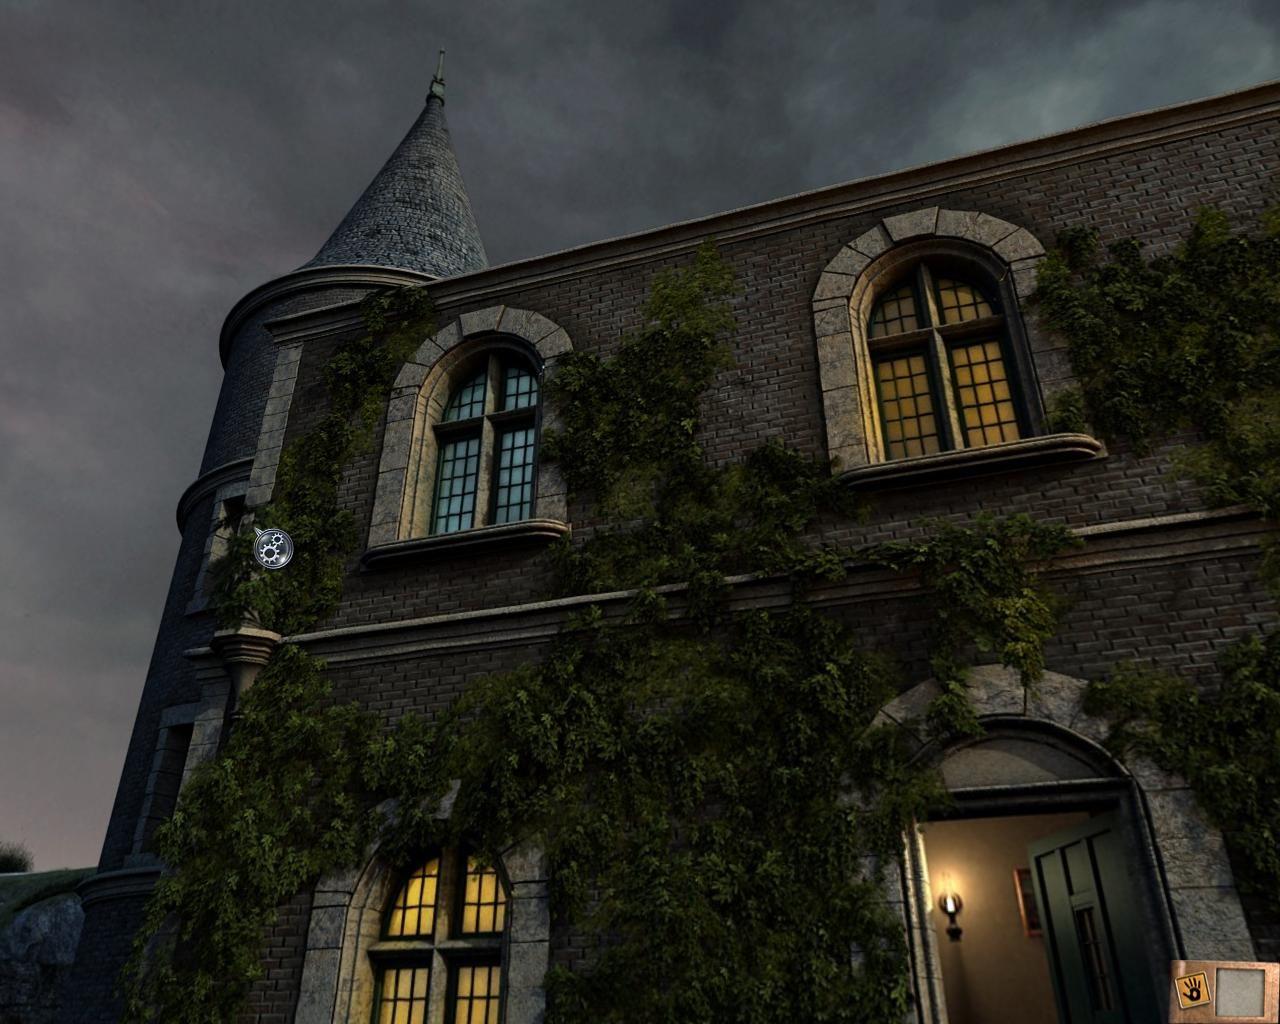 Położenie figury - Tajemnice cmentarza - Rozdział 1 - Posiadłość - Dracula 4: The Shadow of the Dragon - poradnik do gry